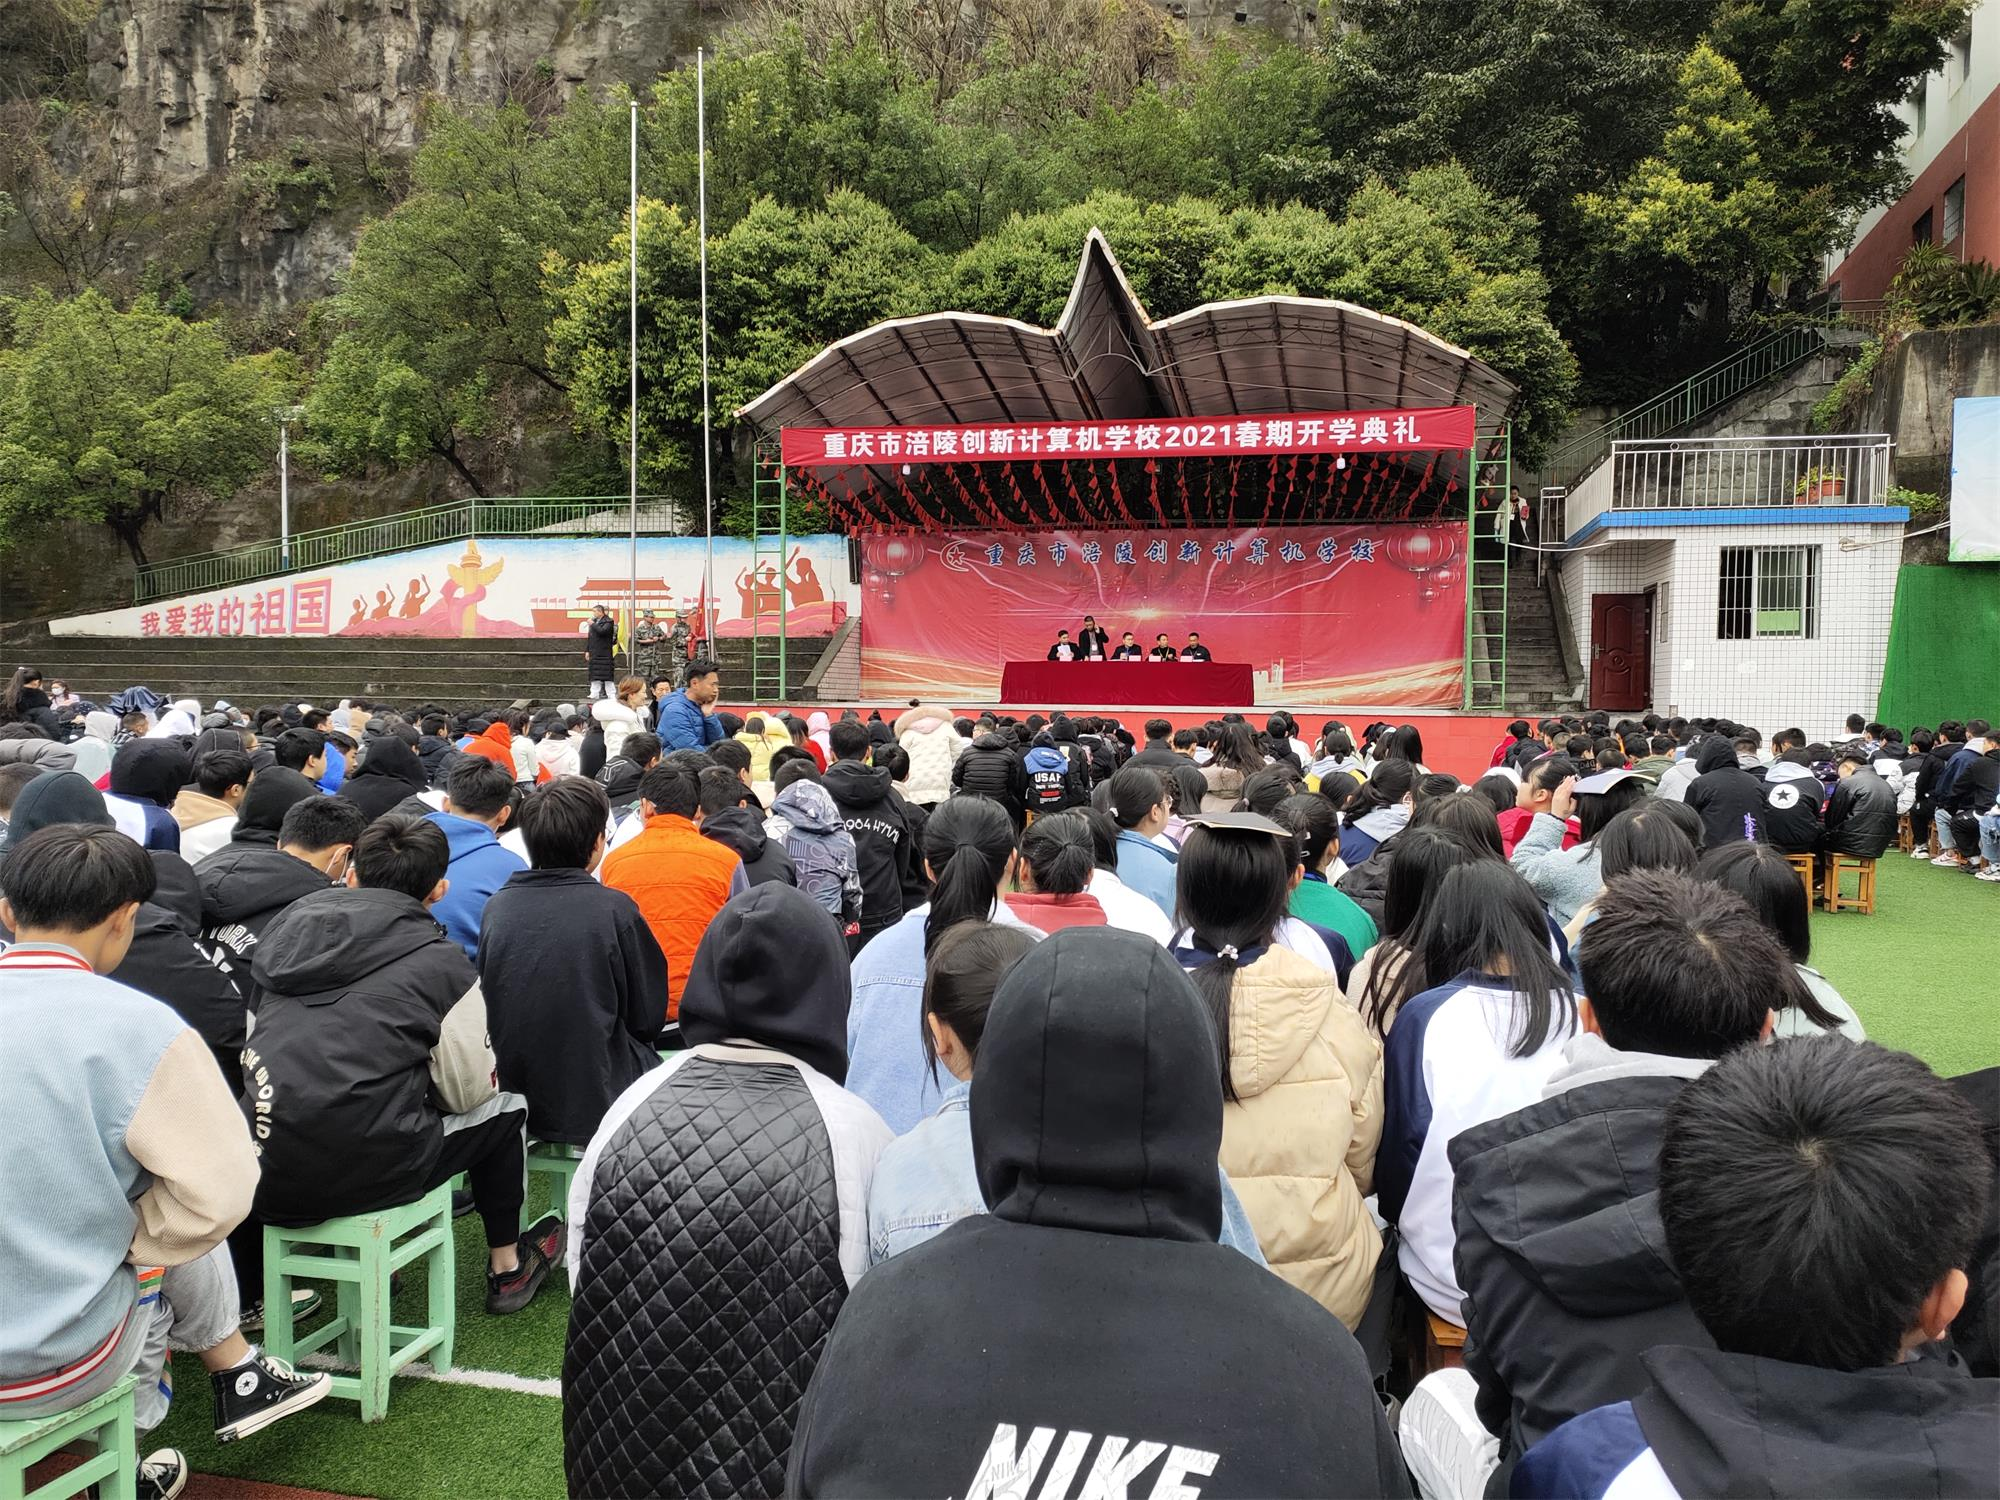 重庆市涪陵创新计算机学校2021年春期开学典礼